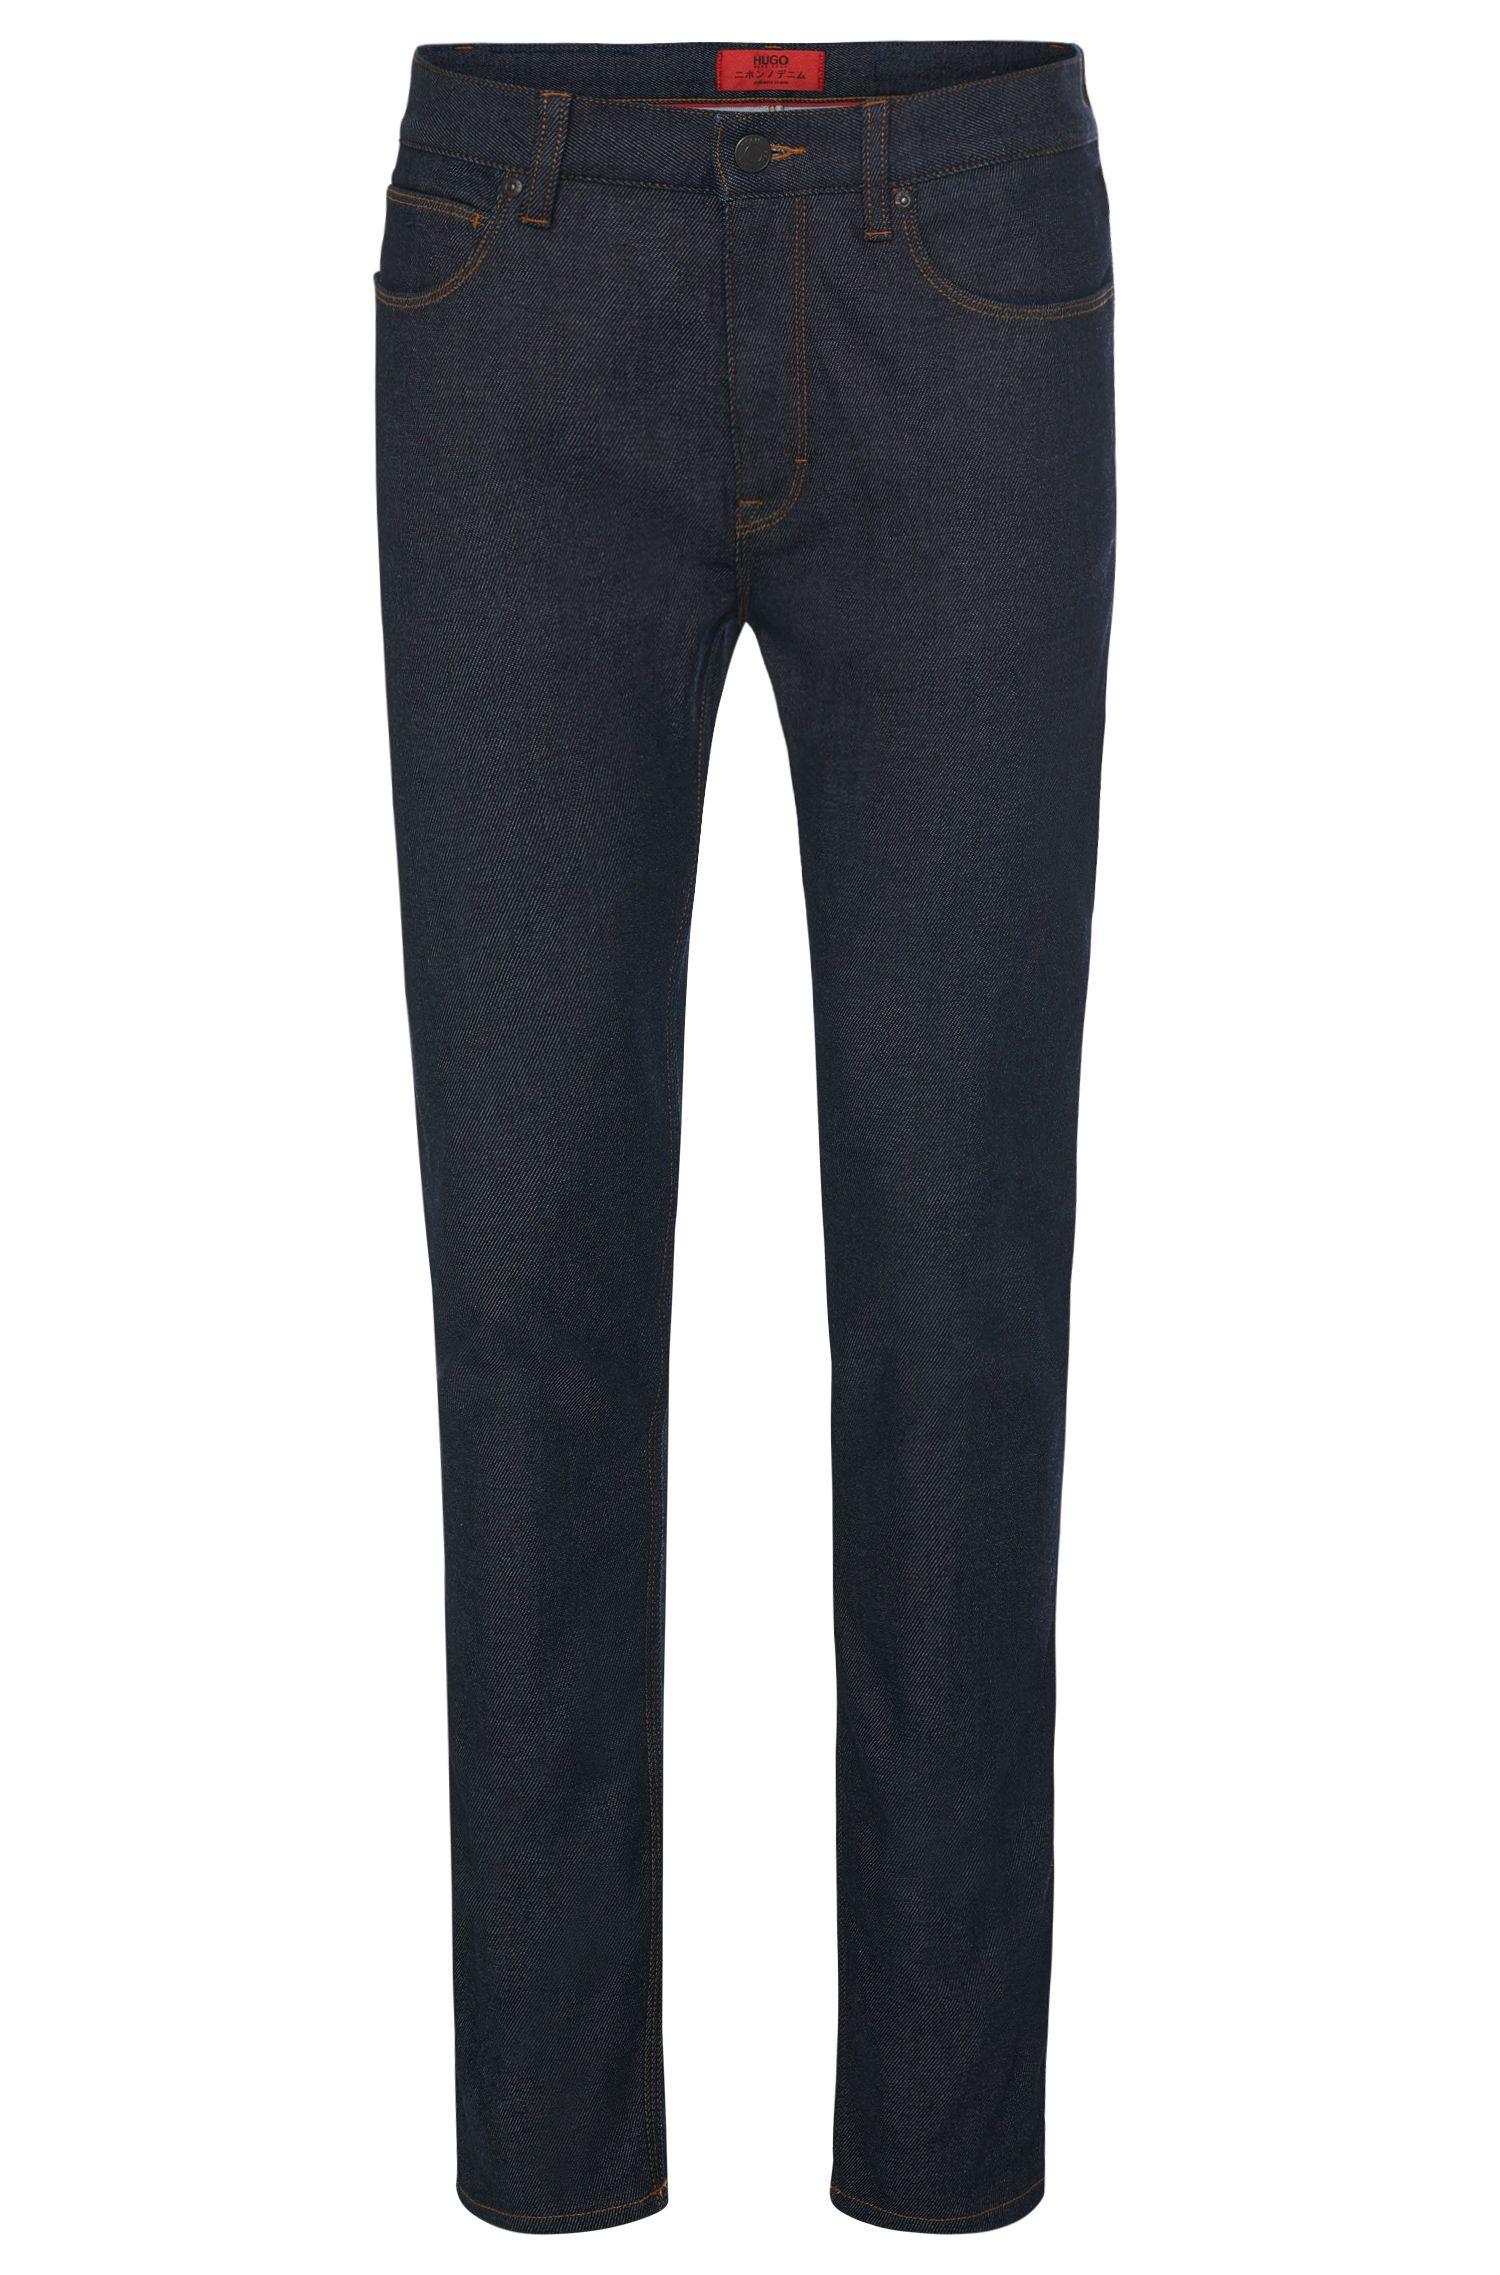 ;Hugo 734' | Skinny Fit, 10 oz Japanese Cotton Blend Jeans